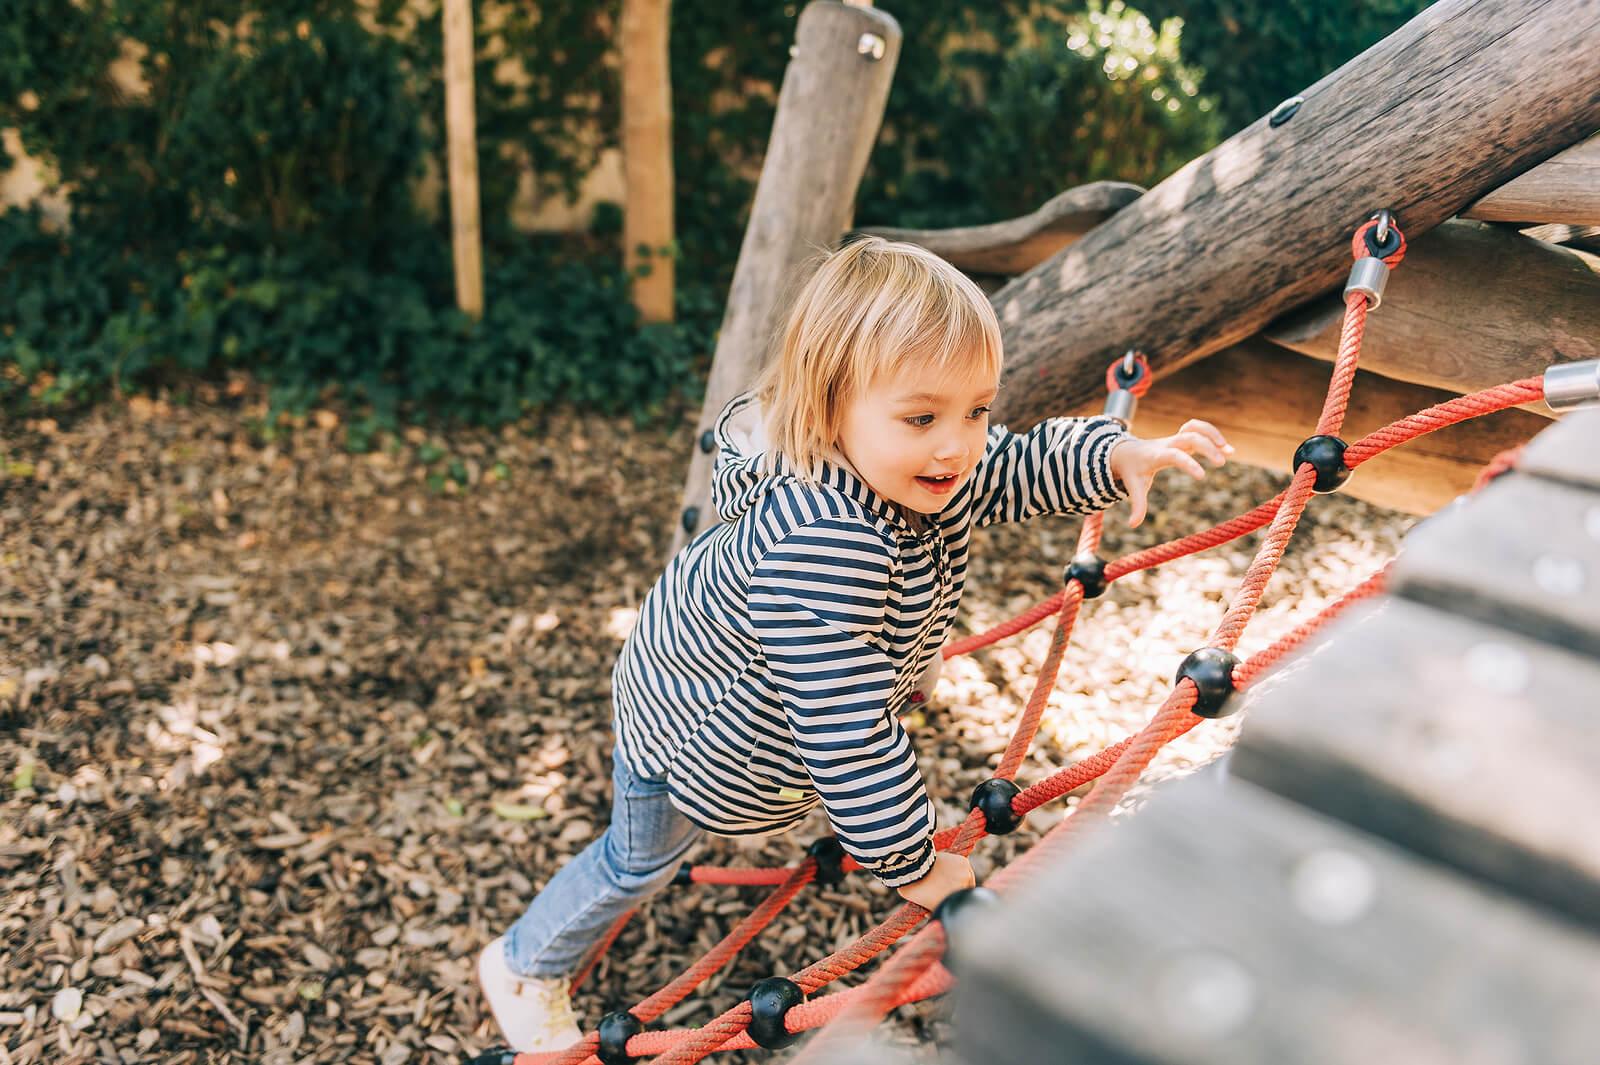 Niña jugando en el parque como parte del juego no estructurado.